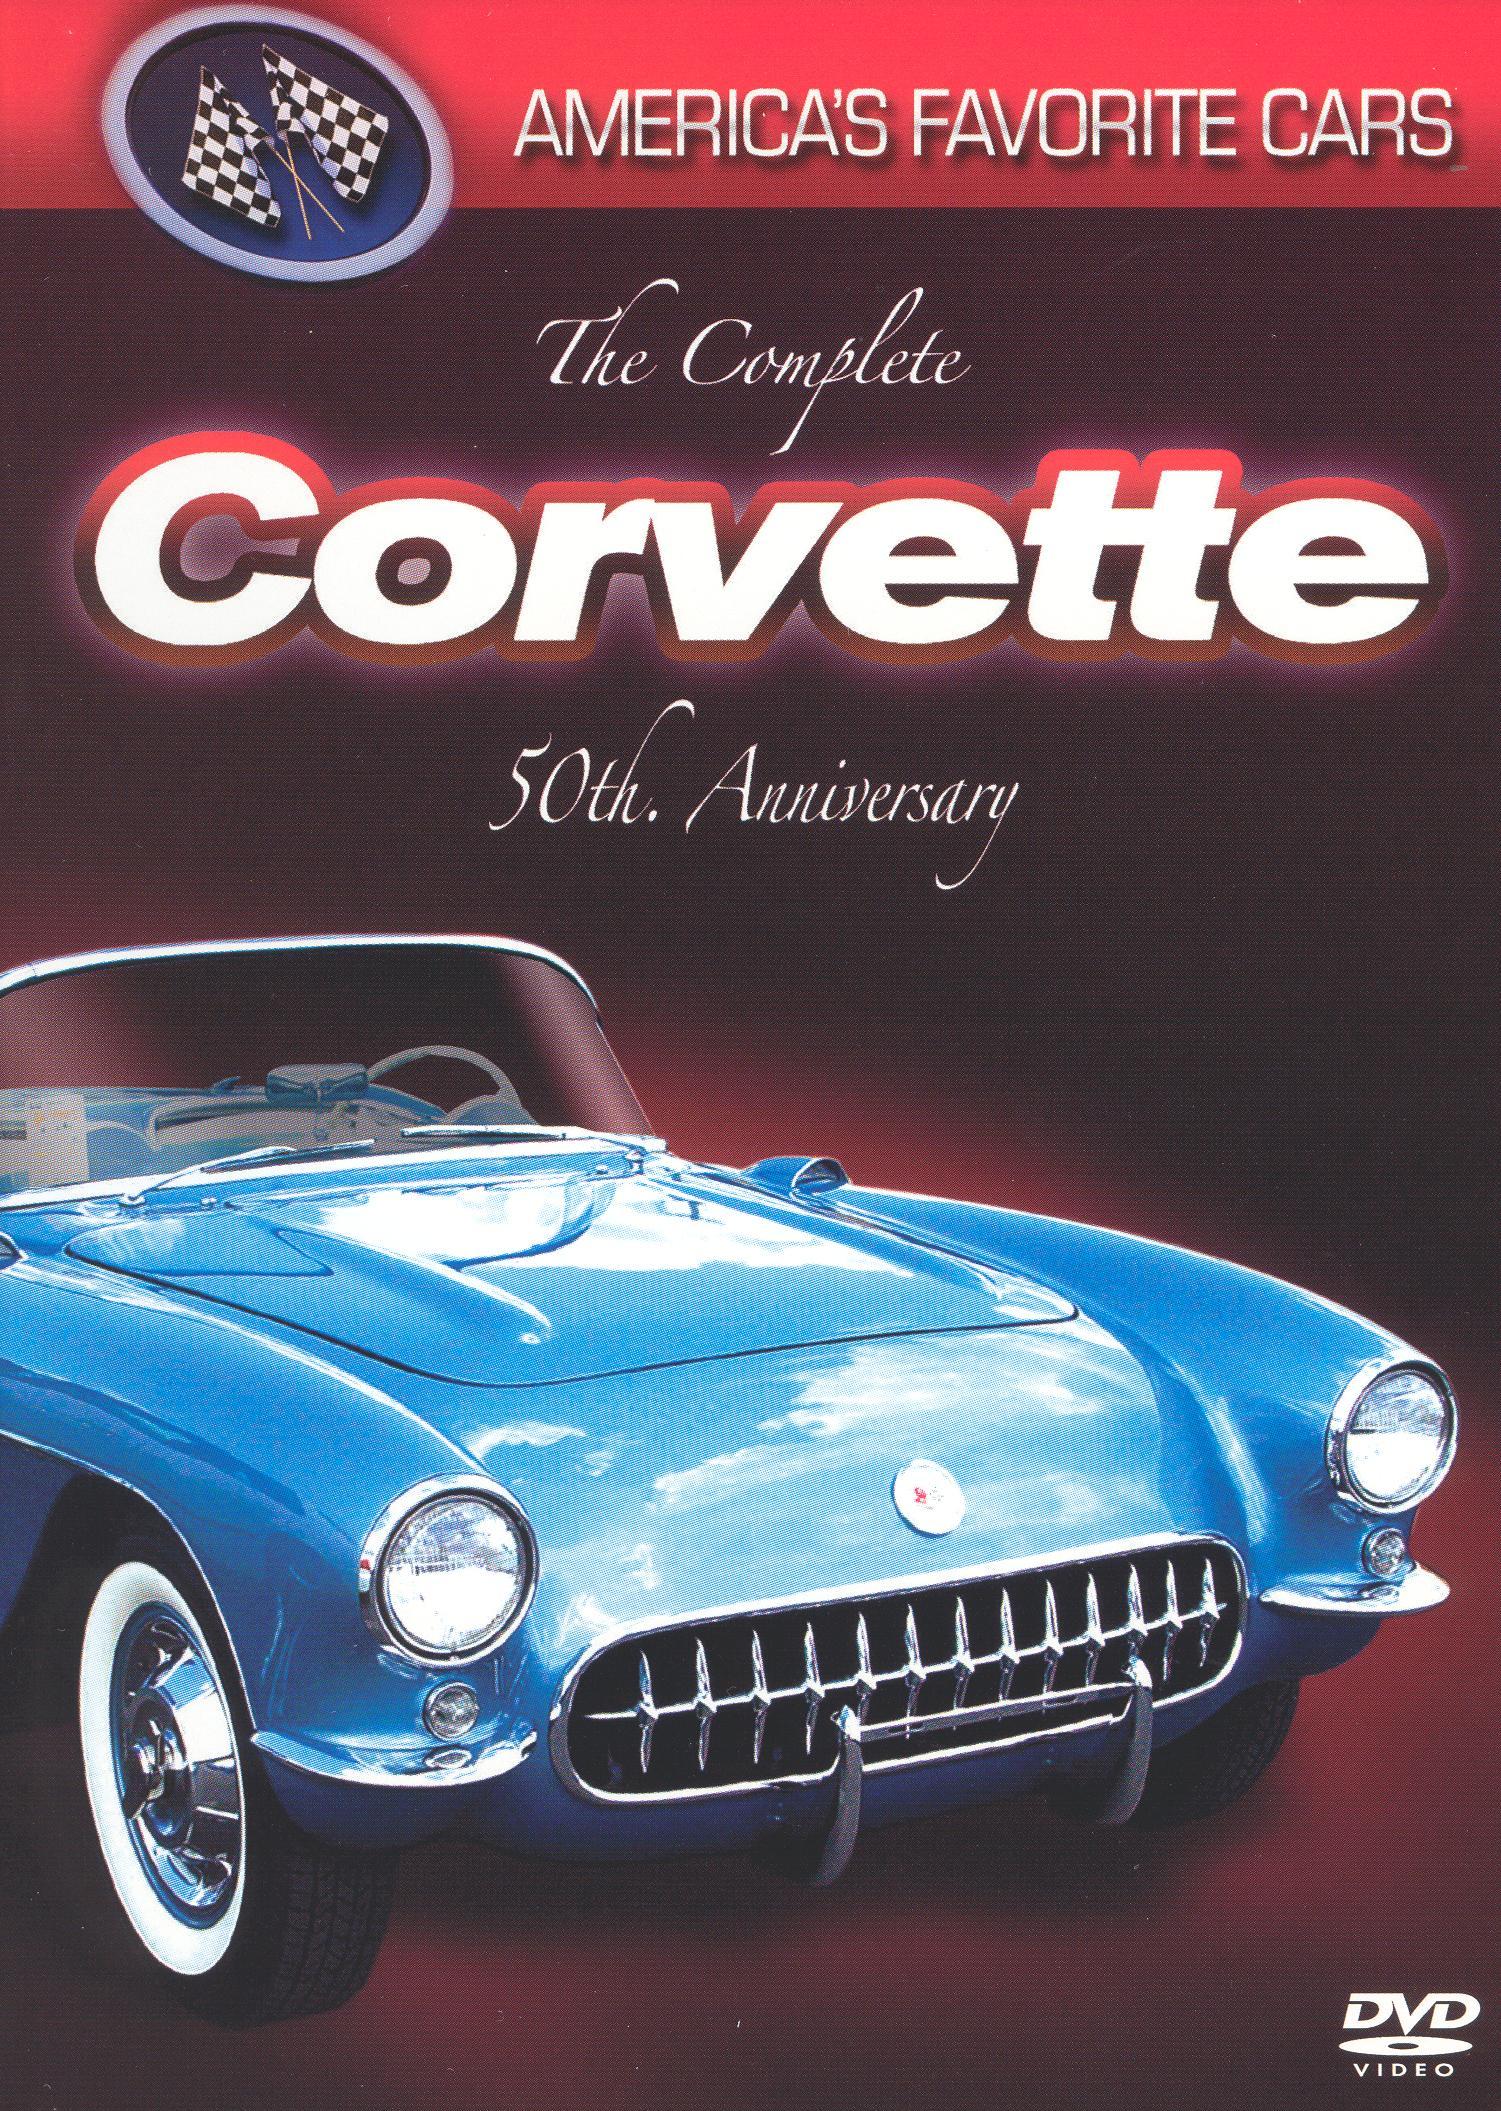 America's Favorite Cars: The Complete Corvette 50th Anniversary